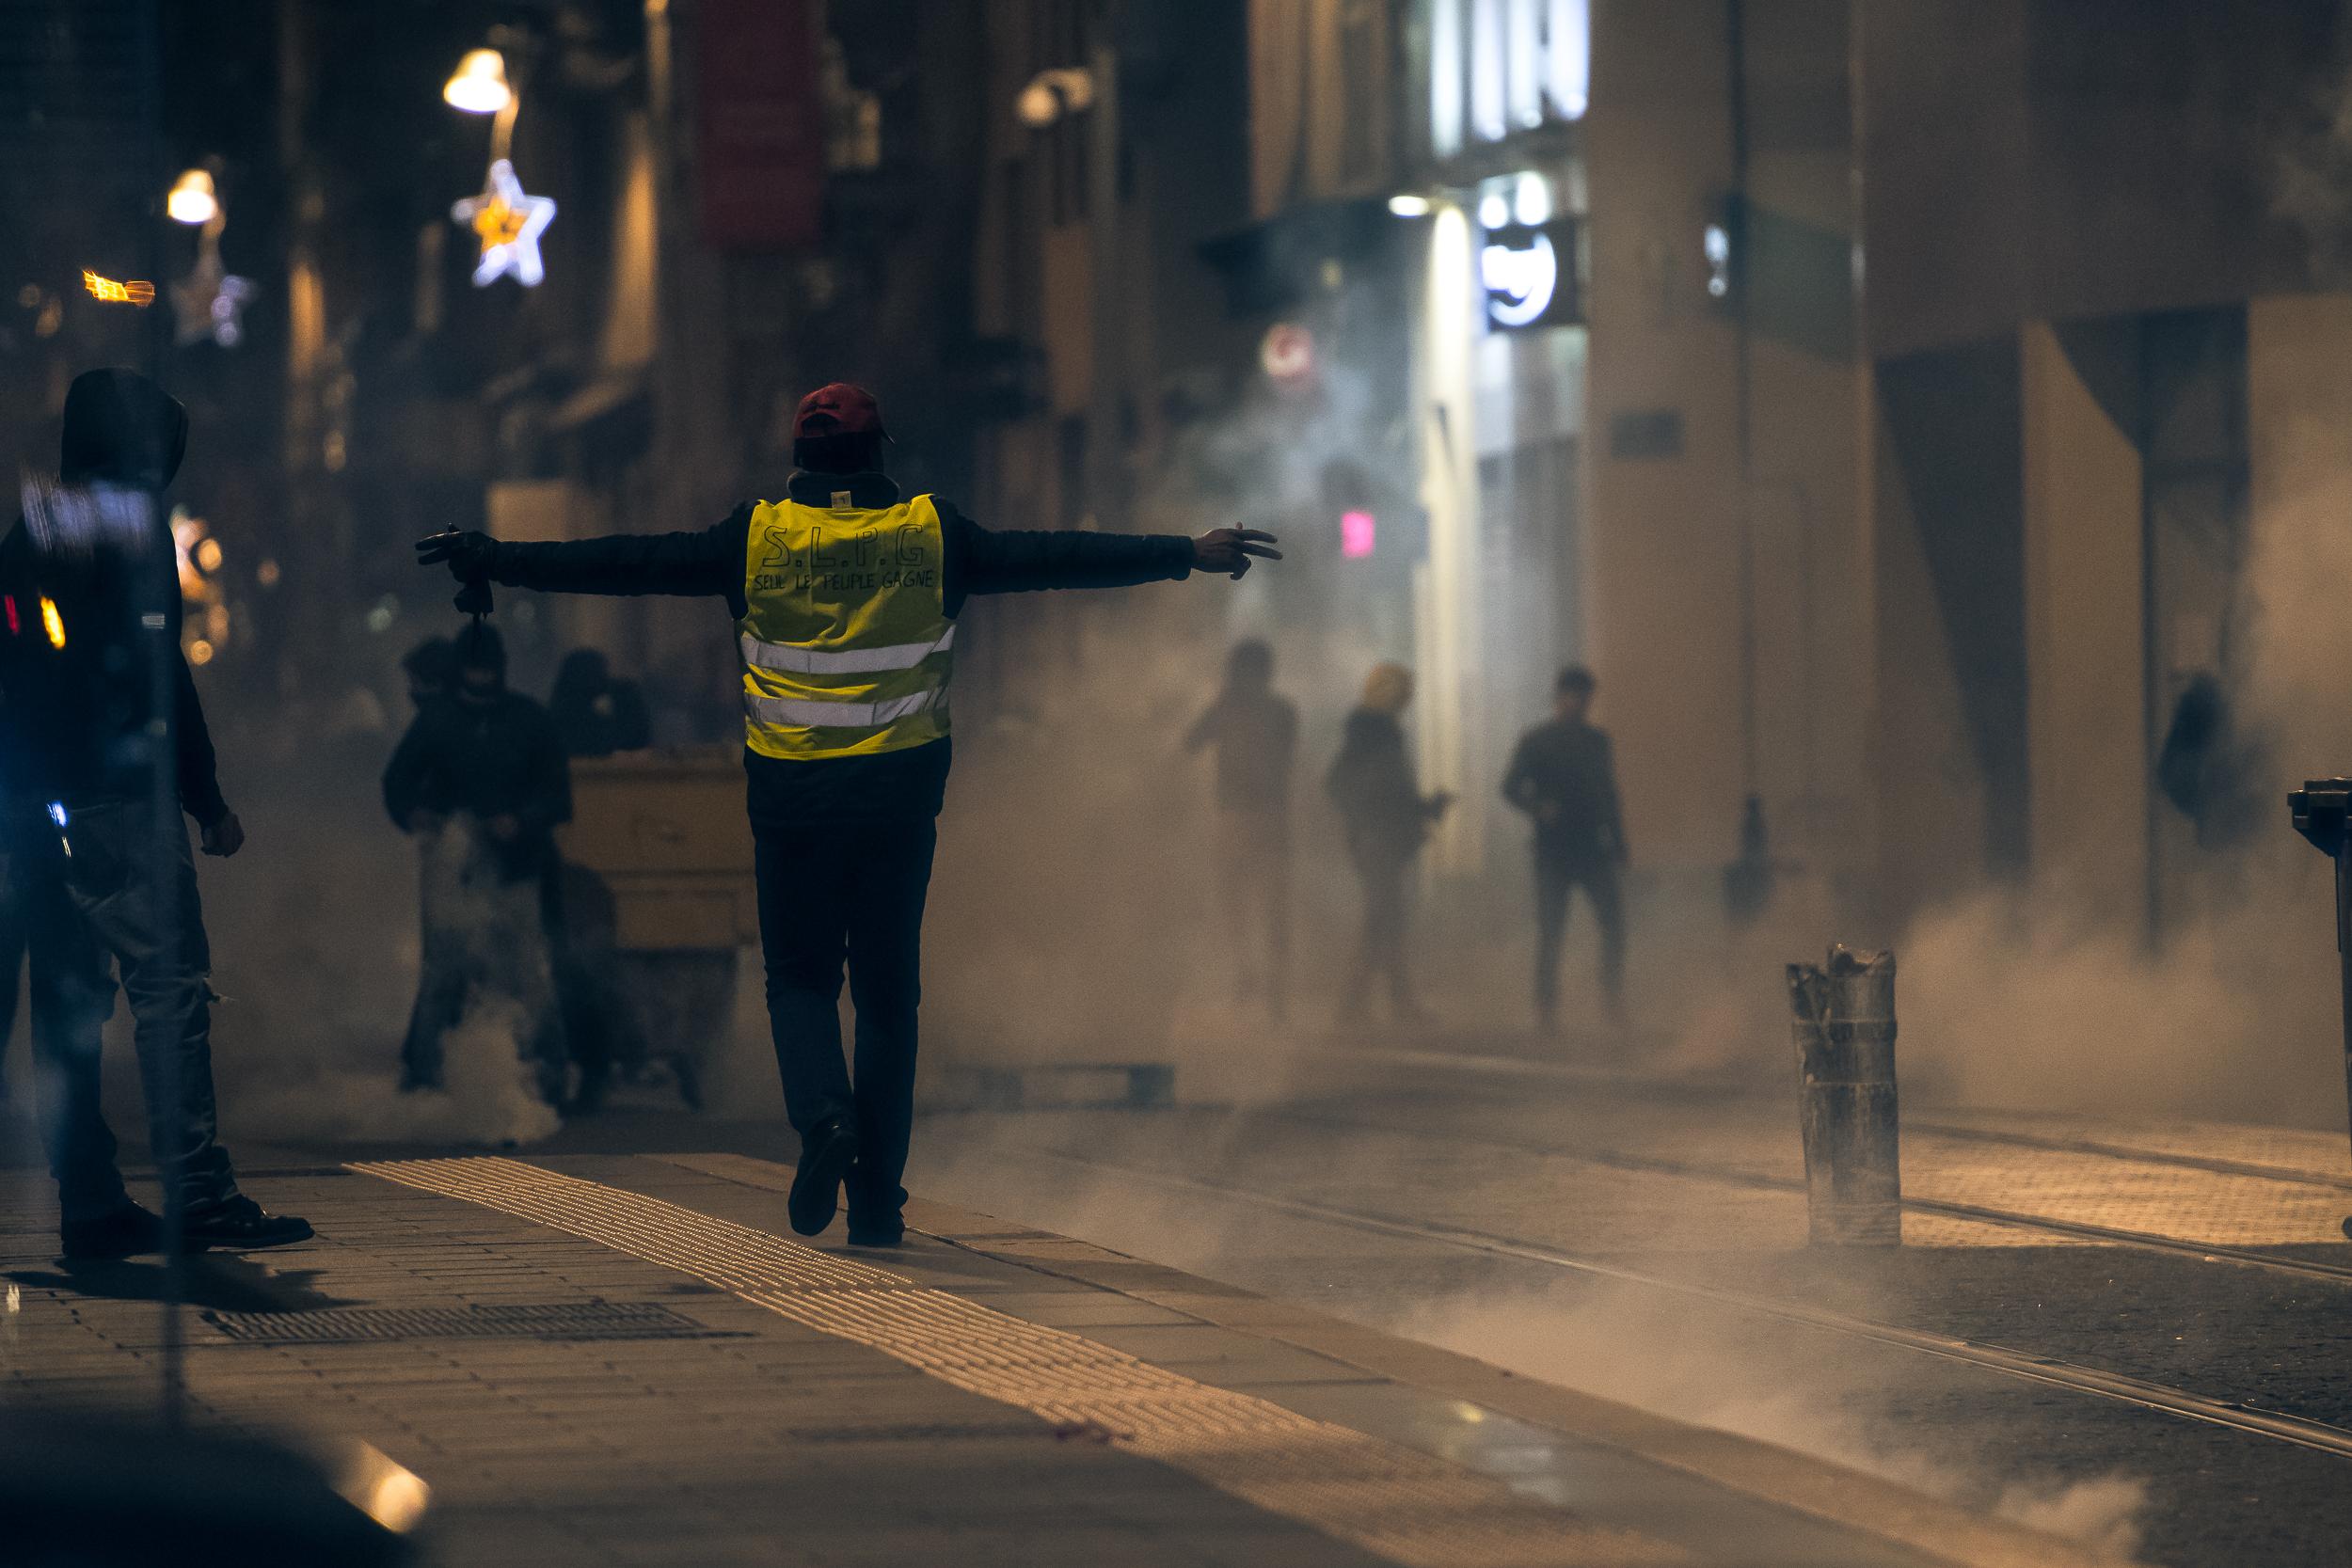 Les casseurs sur la Canebière, rue de Rome. La nuit va être longue.